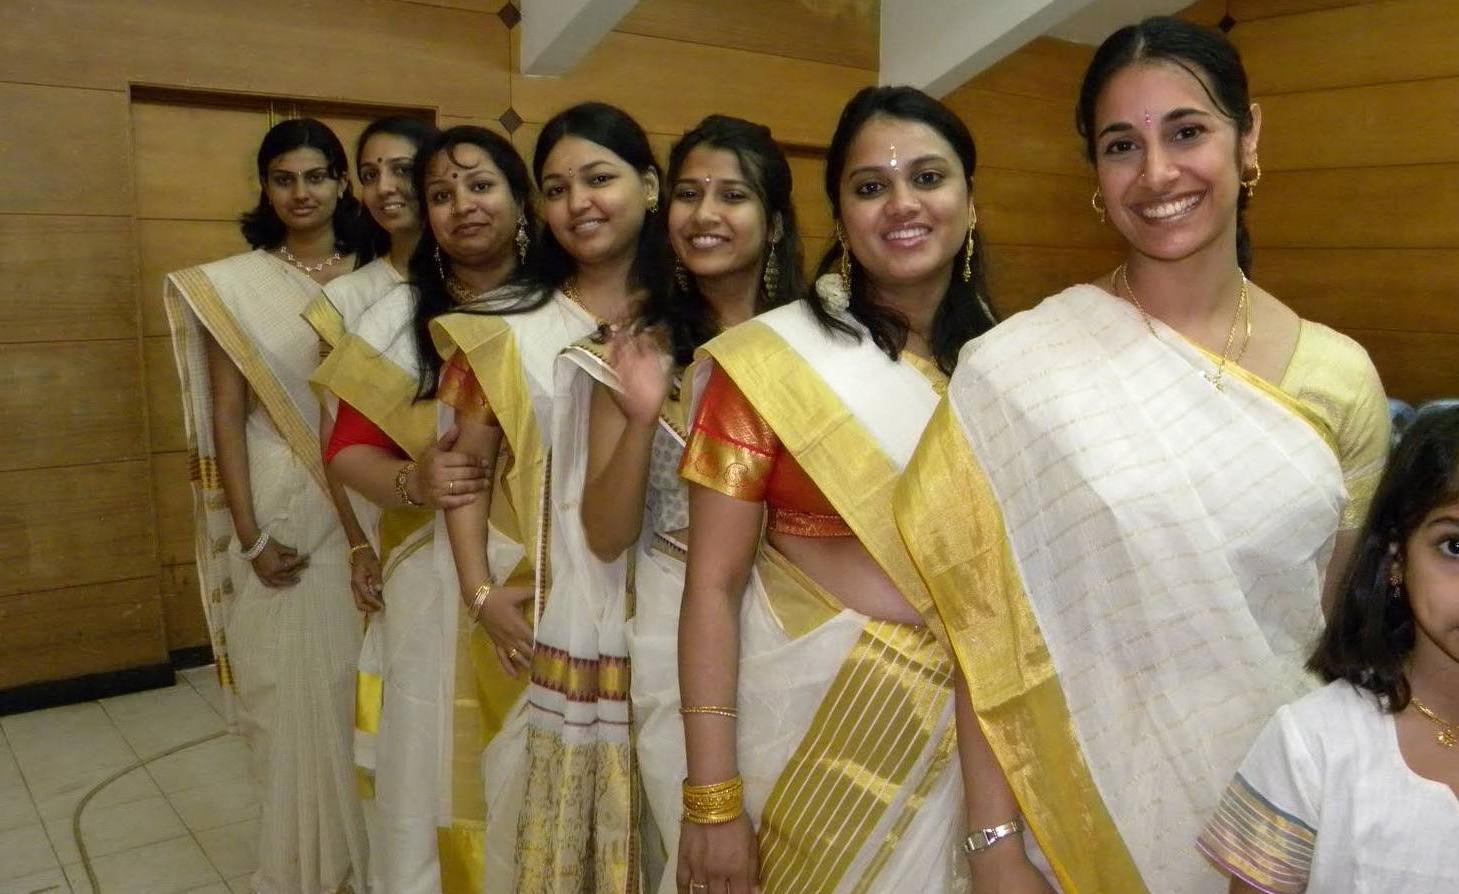 Saree Uniform or bridesmaids?